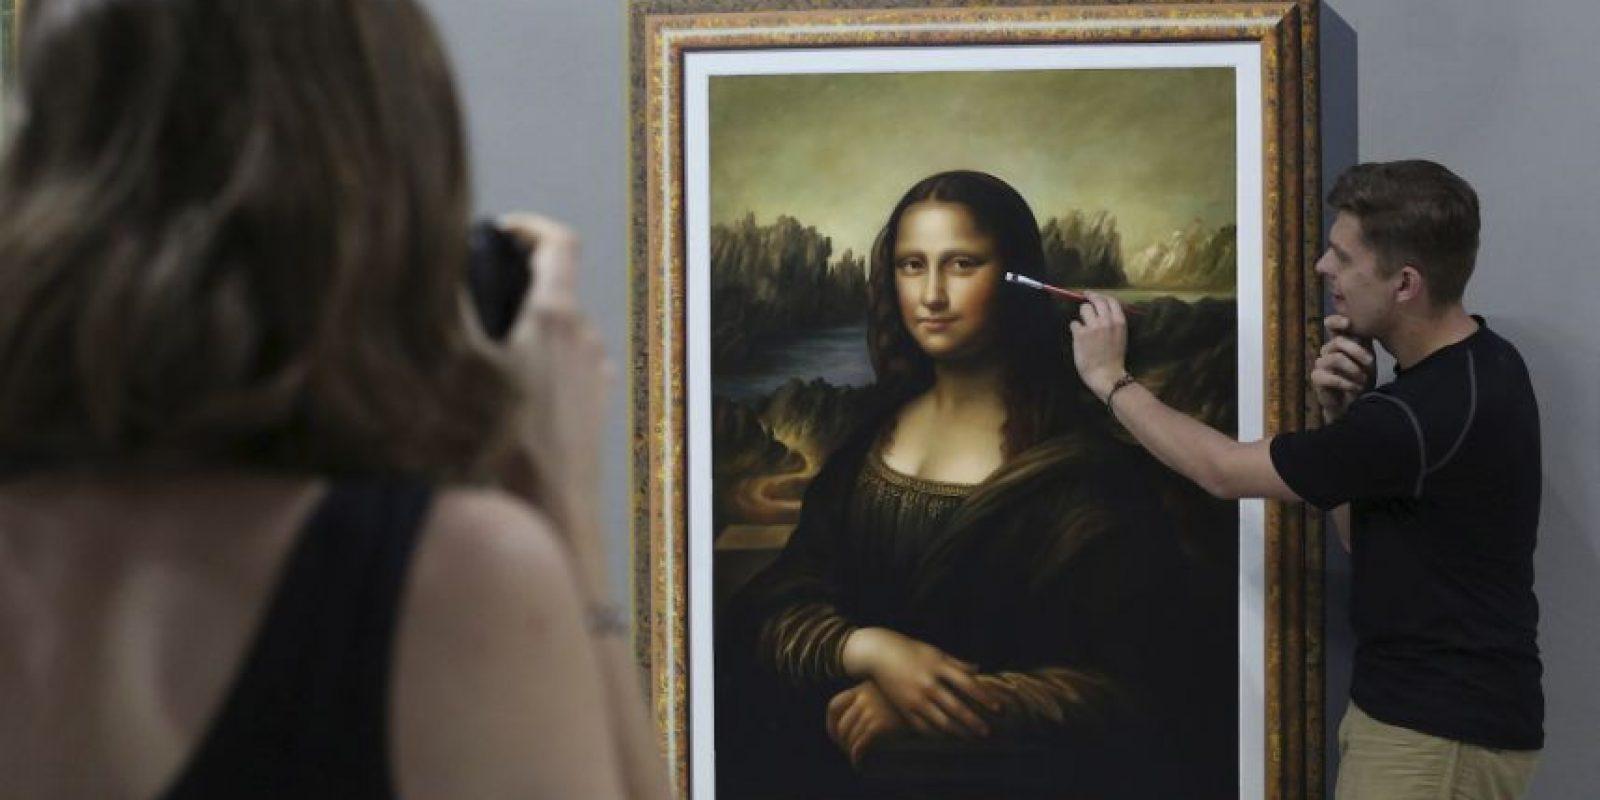 El gran misterio de la pintura es quién fue la modelo. Foto:AP